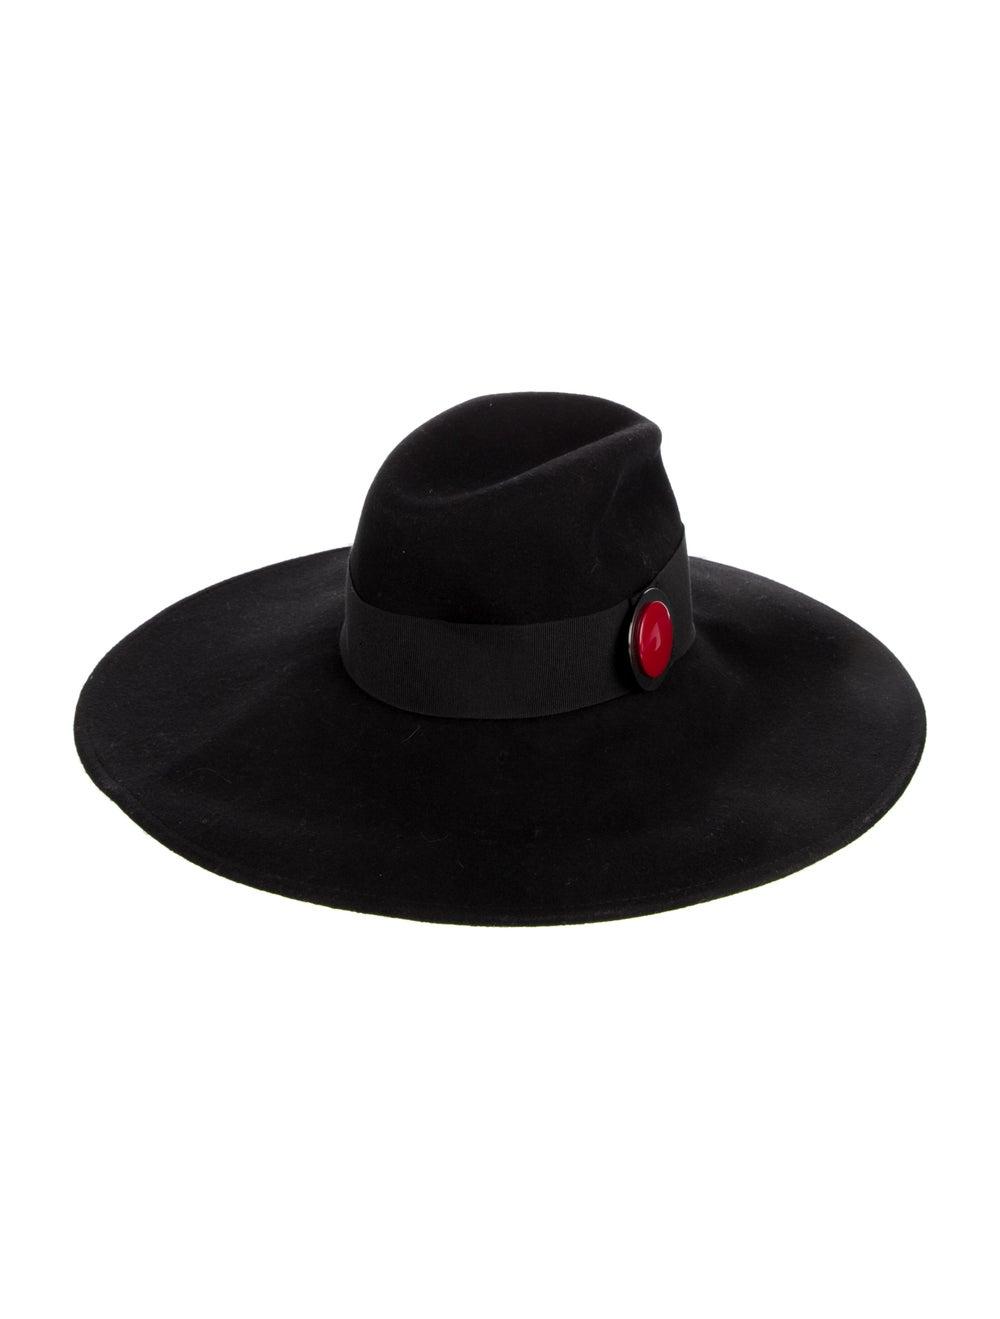 Giorgio Armani Wide Brim Straw Hat black - image 2